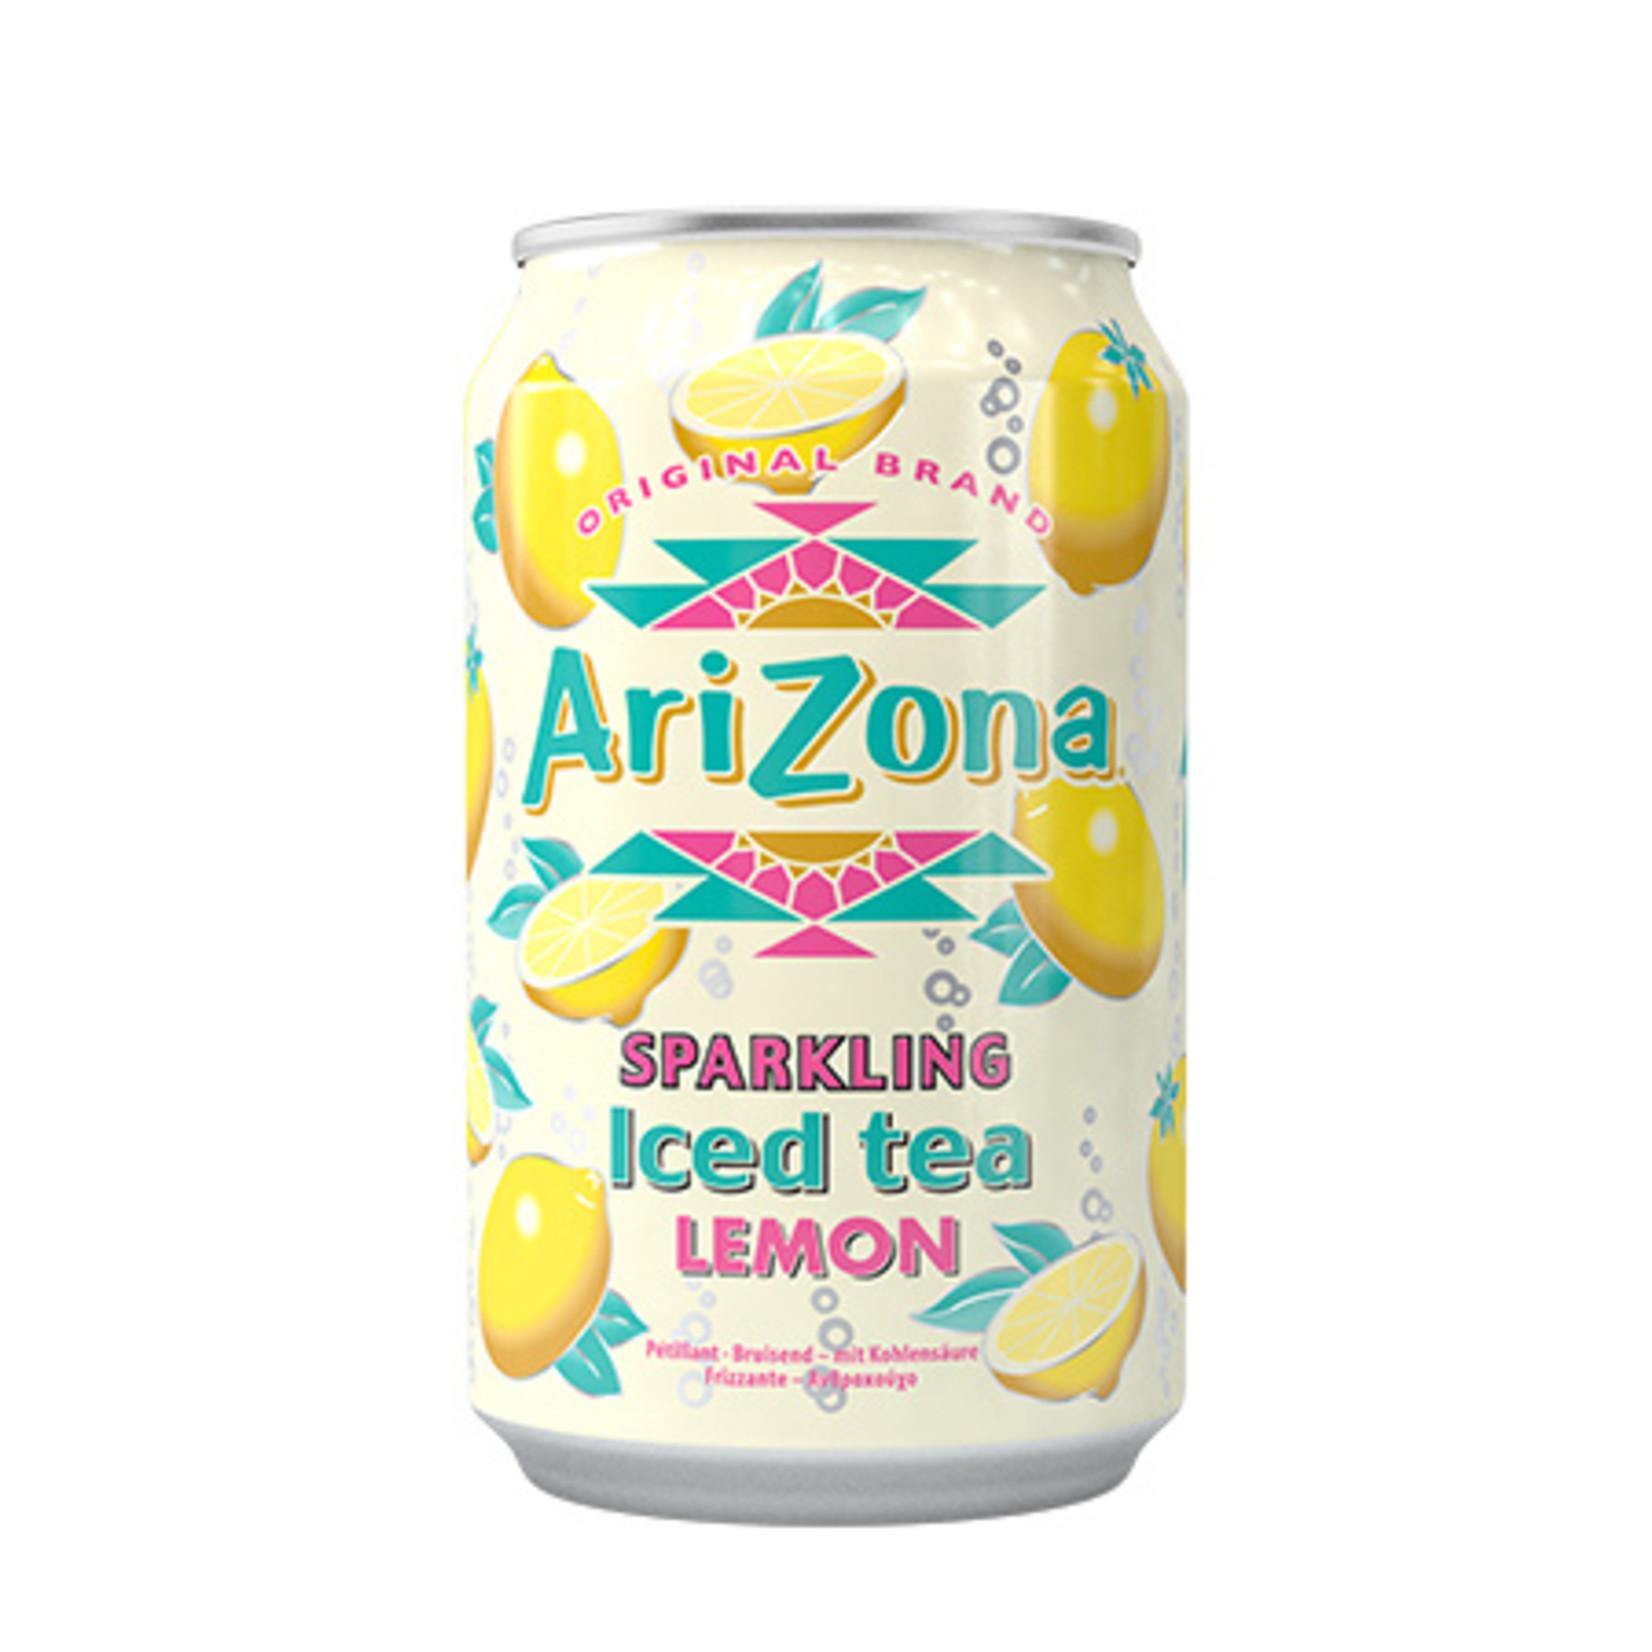 Iced tea lemon (33cl)